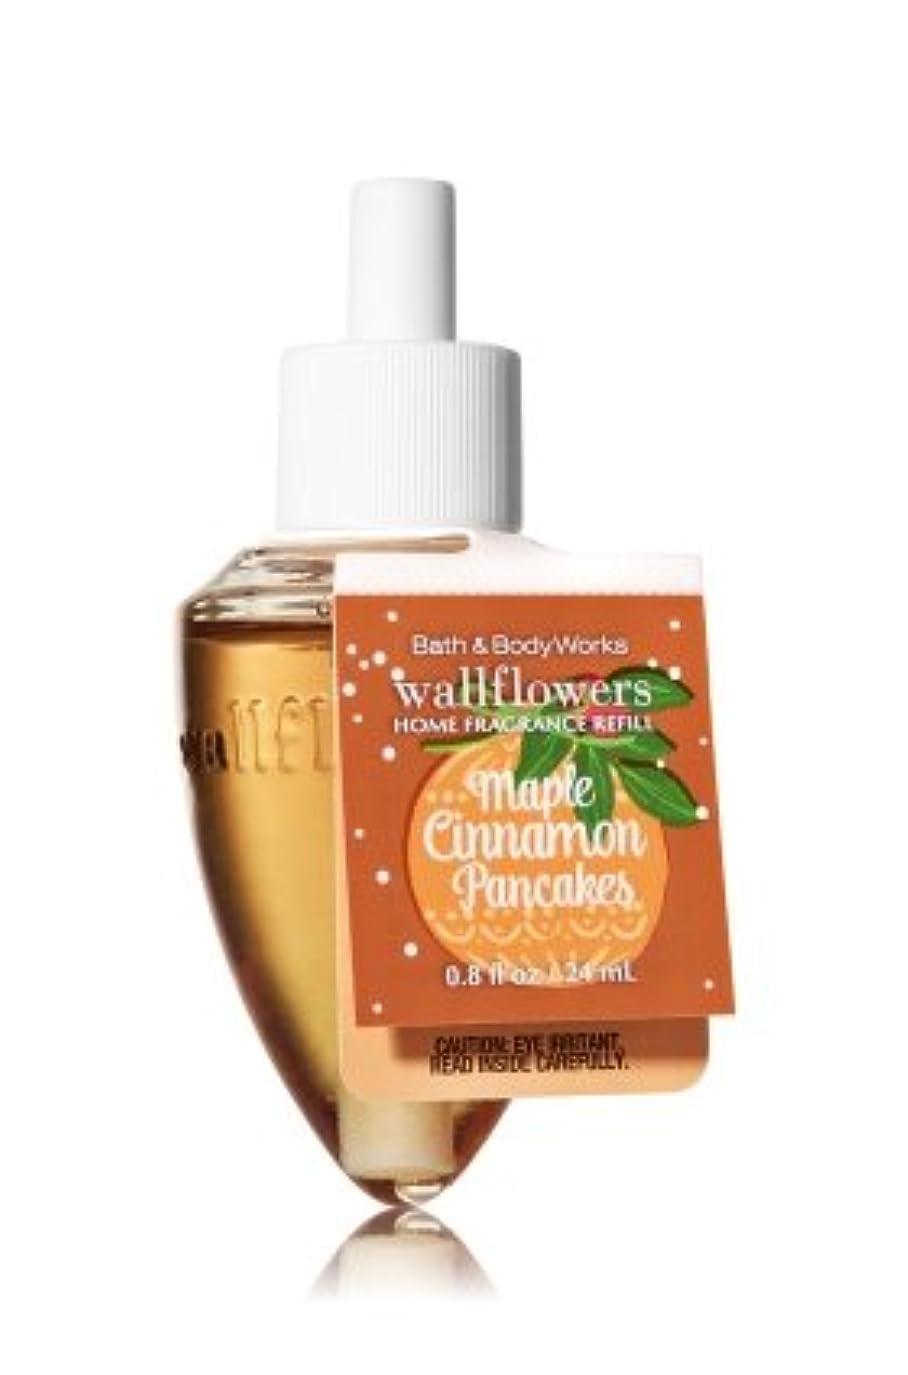 気絶させるリス忌避剤【Bath&Body Works/バス&ボディワークス】 ルームフレグランス 詰替えリフィル メープルシナモンパンケーキ Wallflowers Home Fragrance Refill Maple Cinnamon Pancakes [並行輸入品]